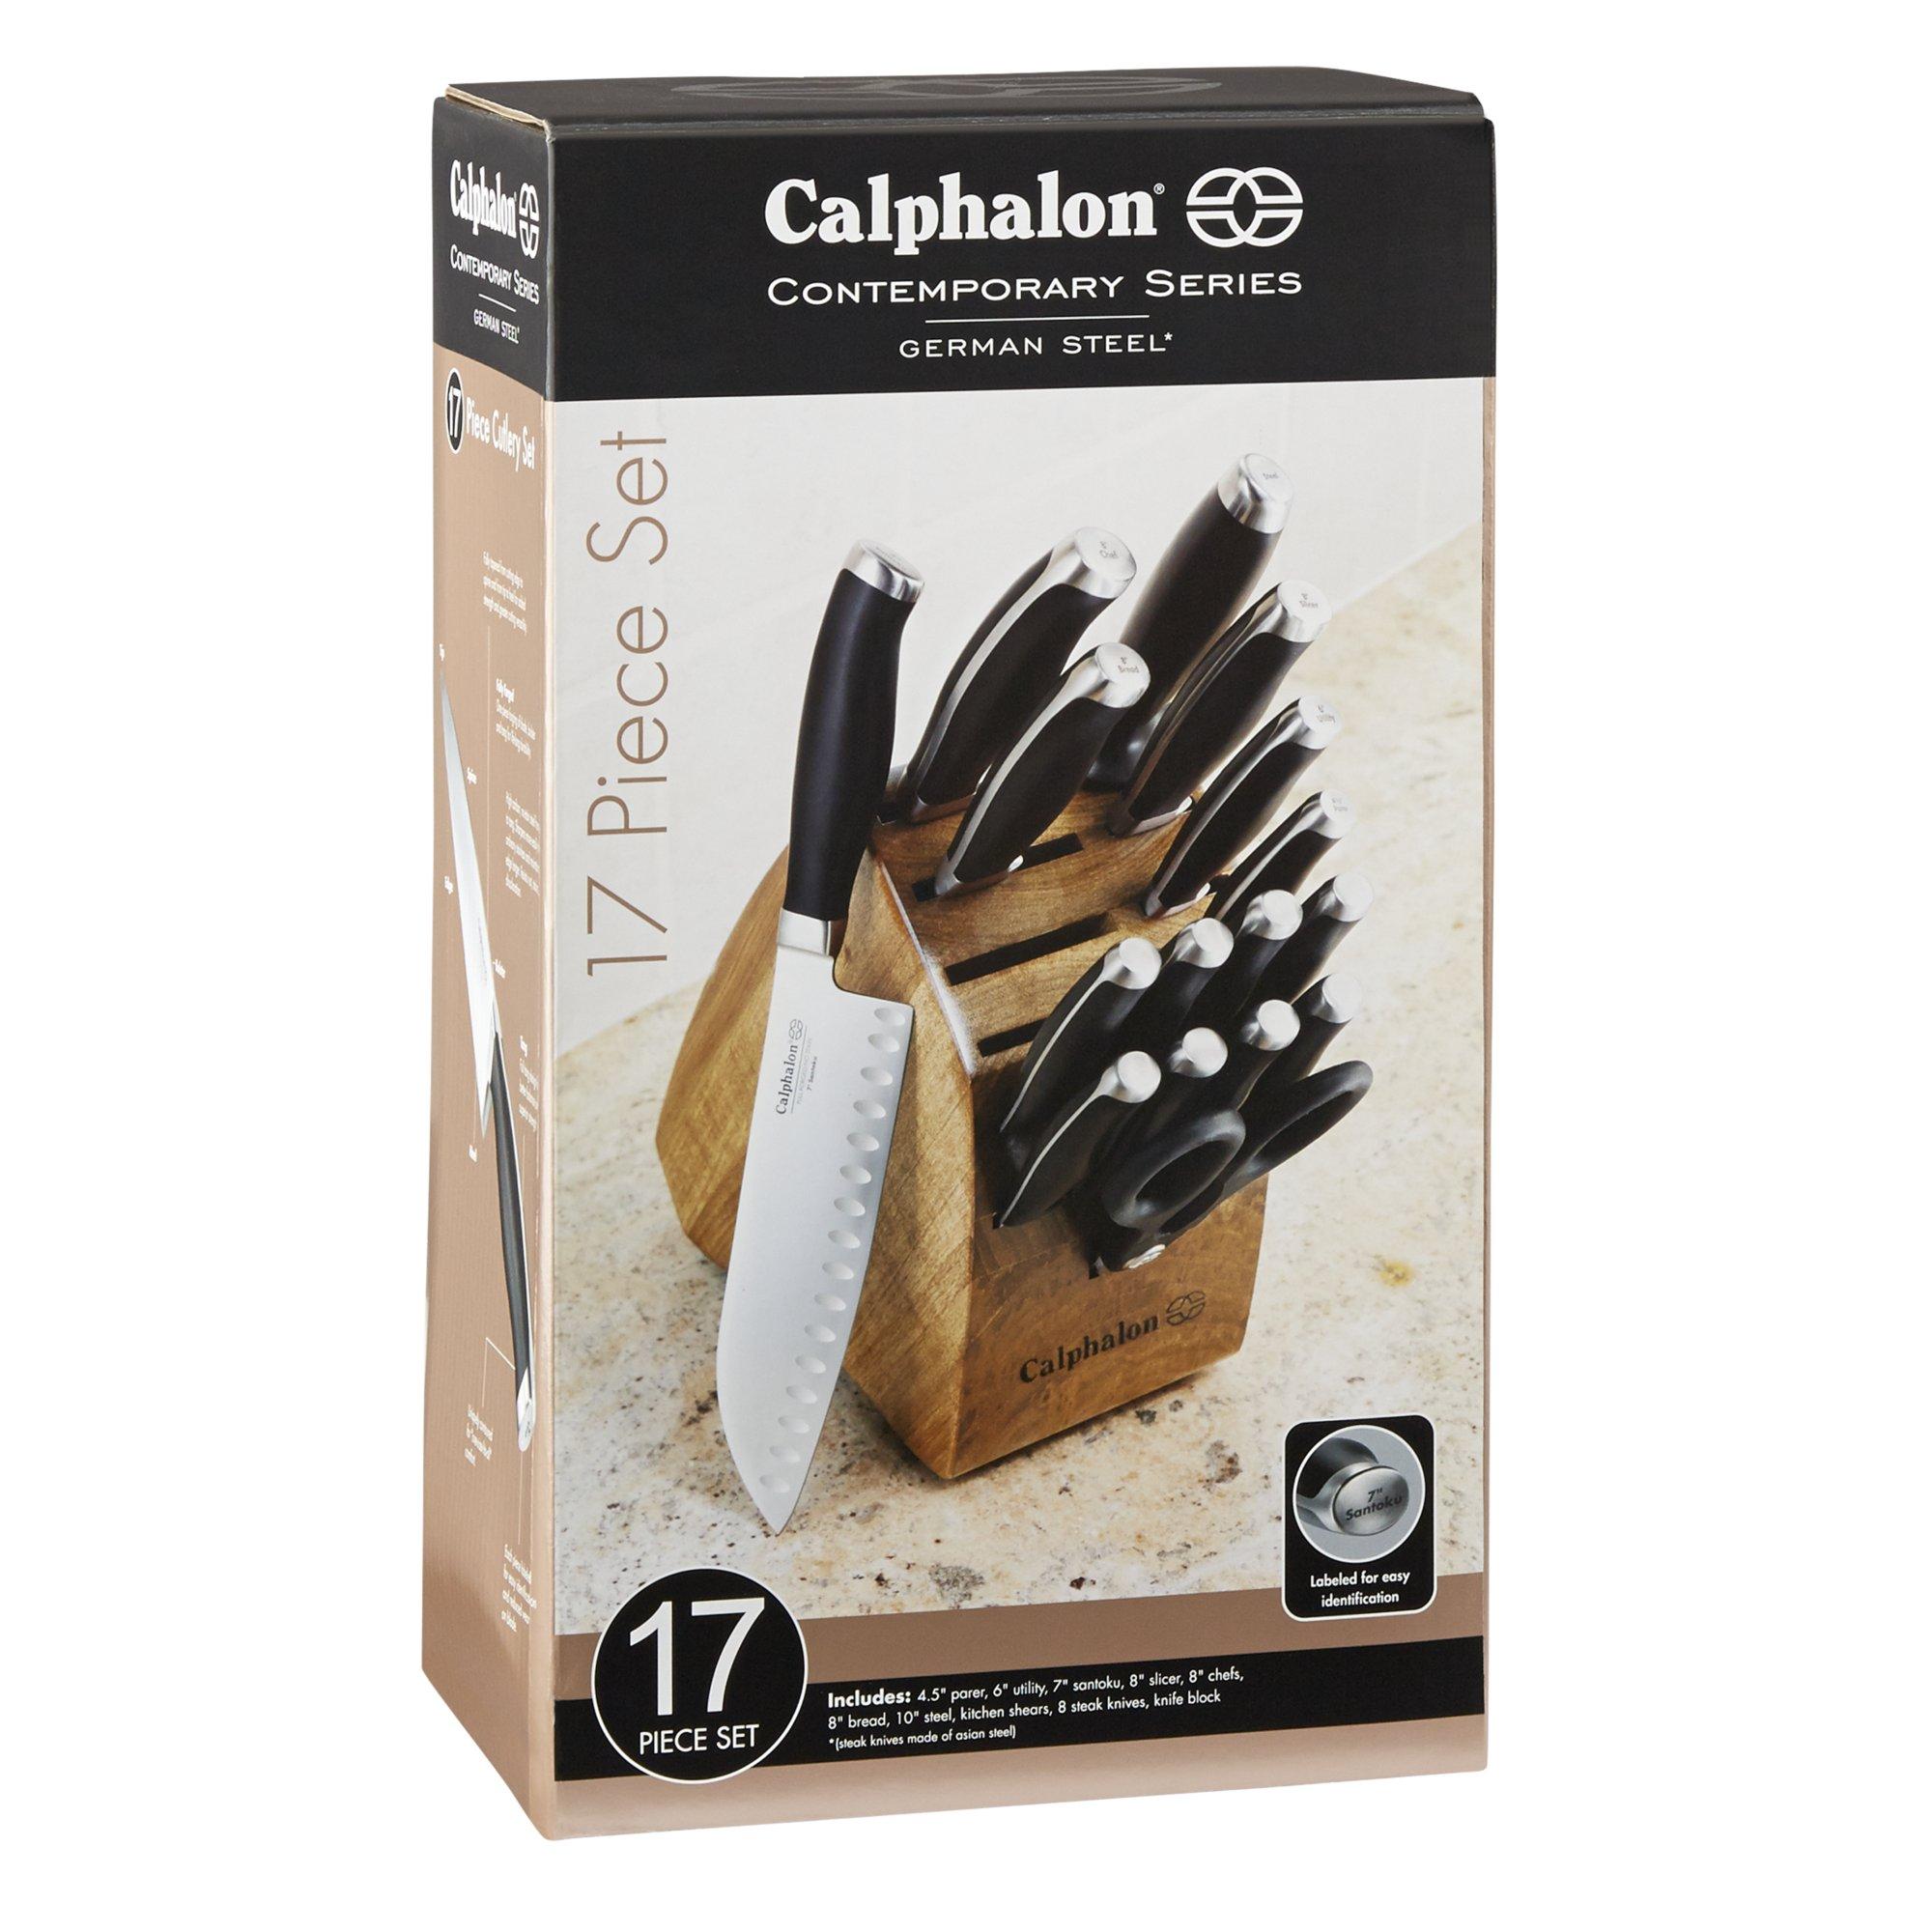 calphalon contemporary cutlery 17 pc set calphalonusastore